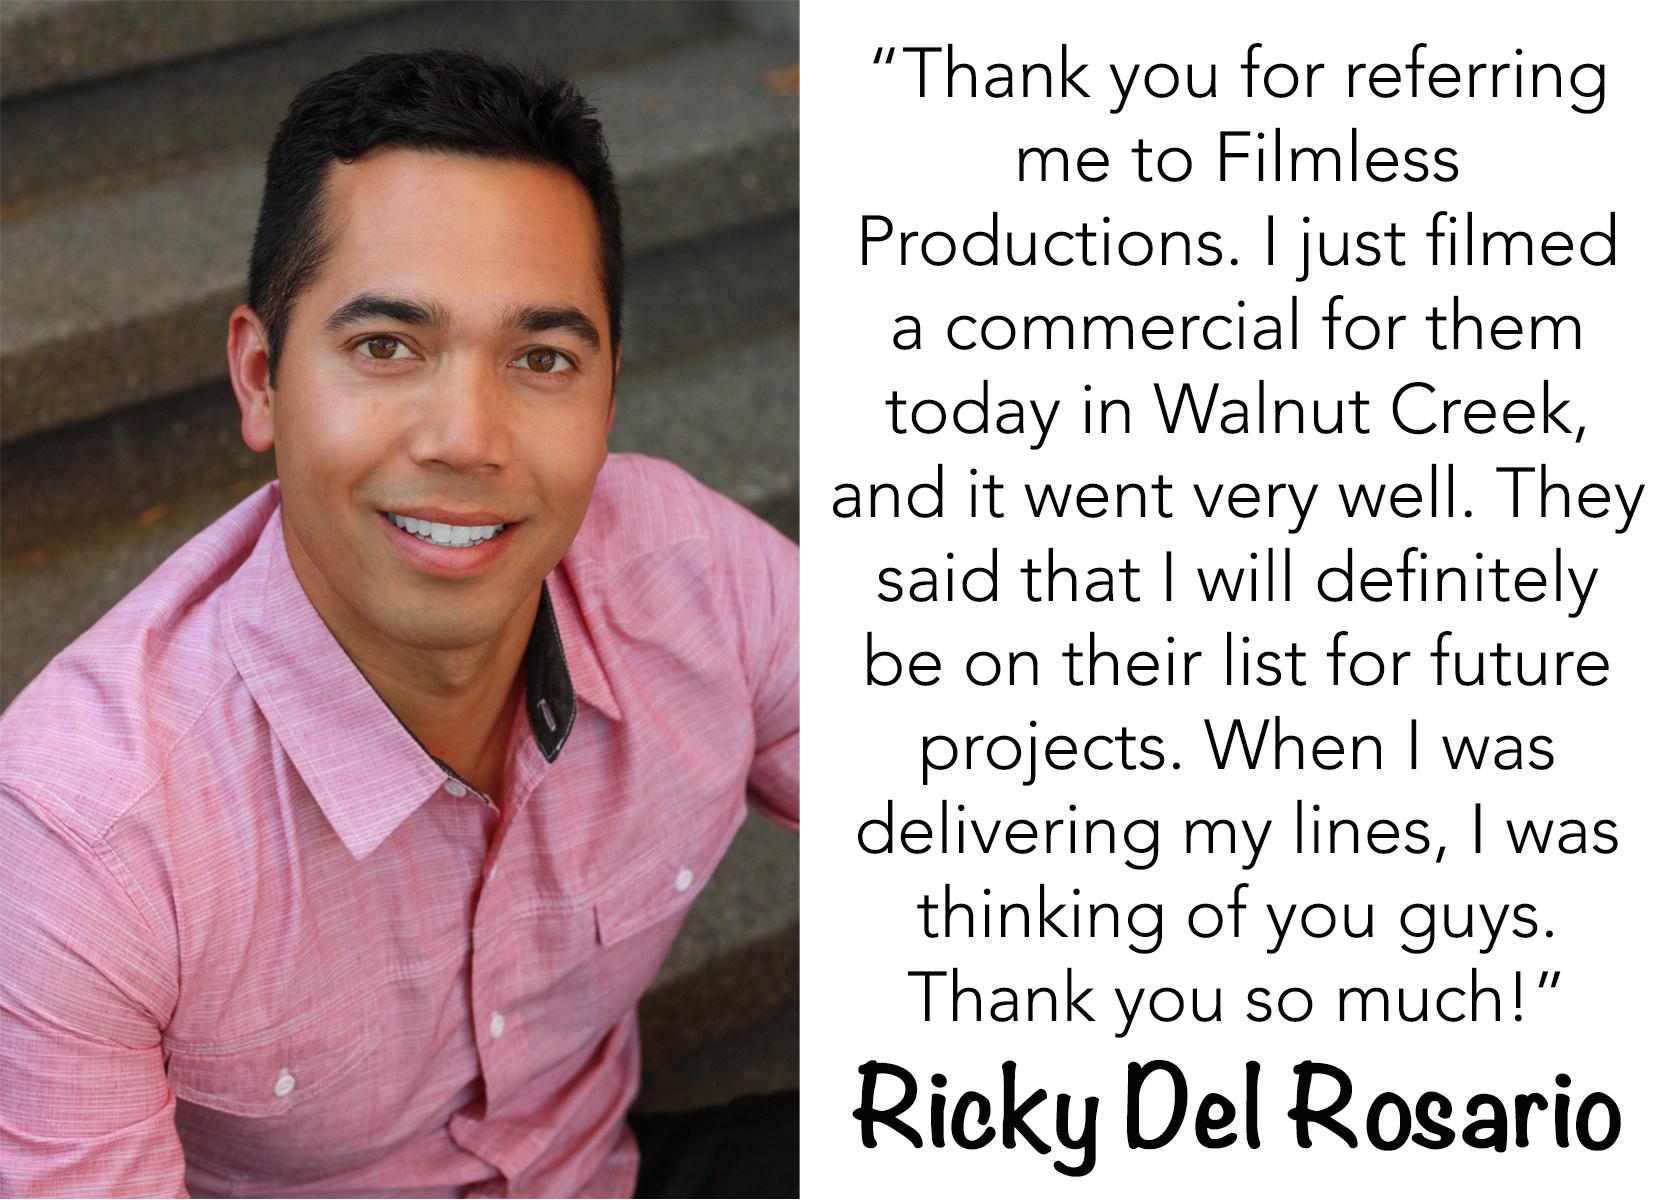 Ricky D